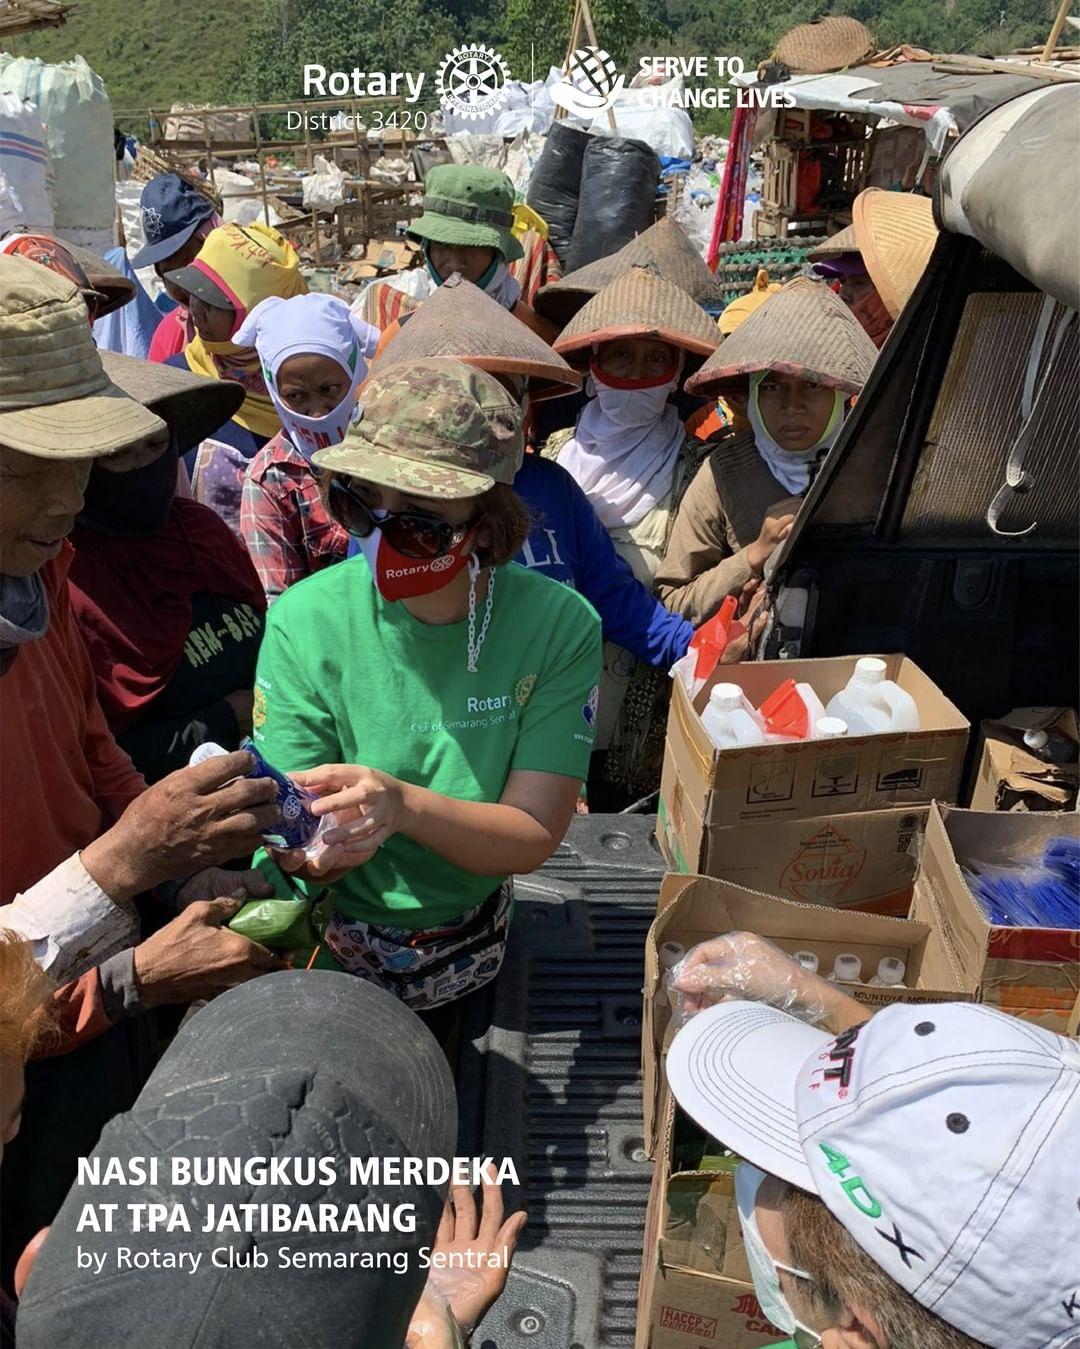 Nasi Bungkus Merdeka and Eco Enzym Demo in Semarang